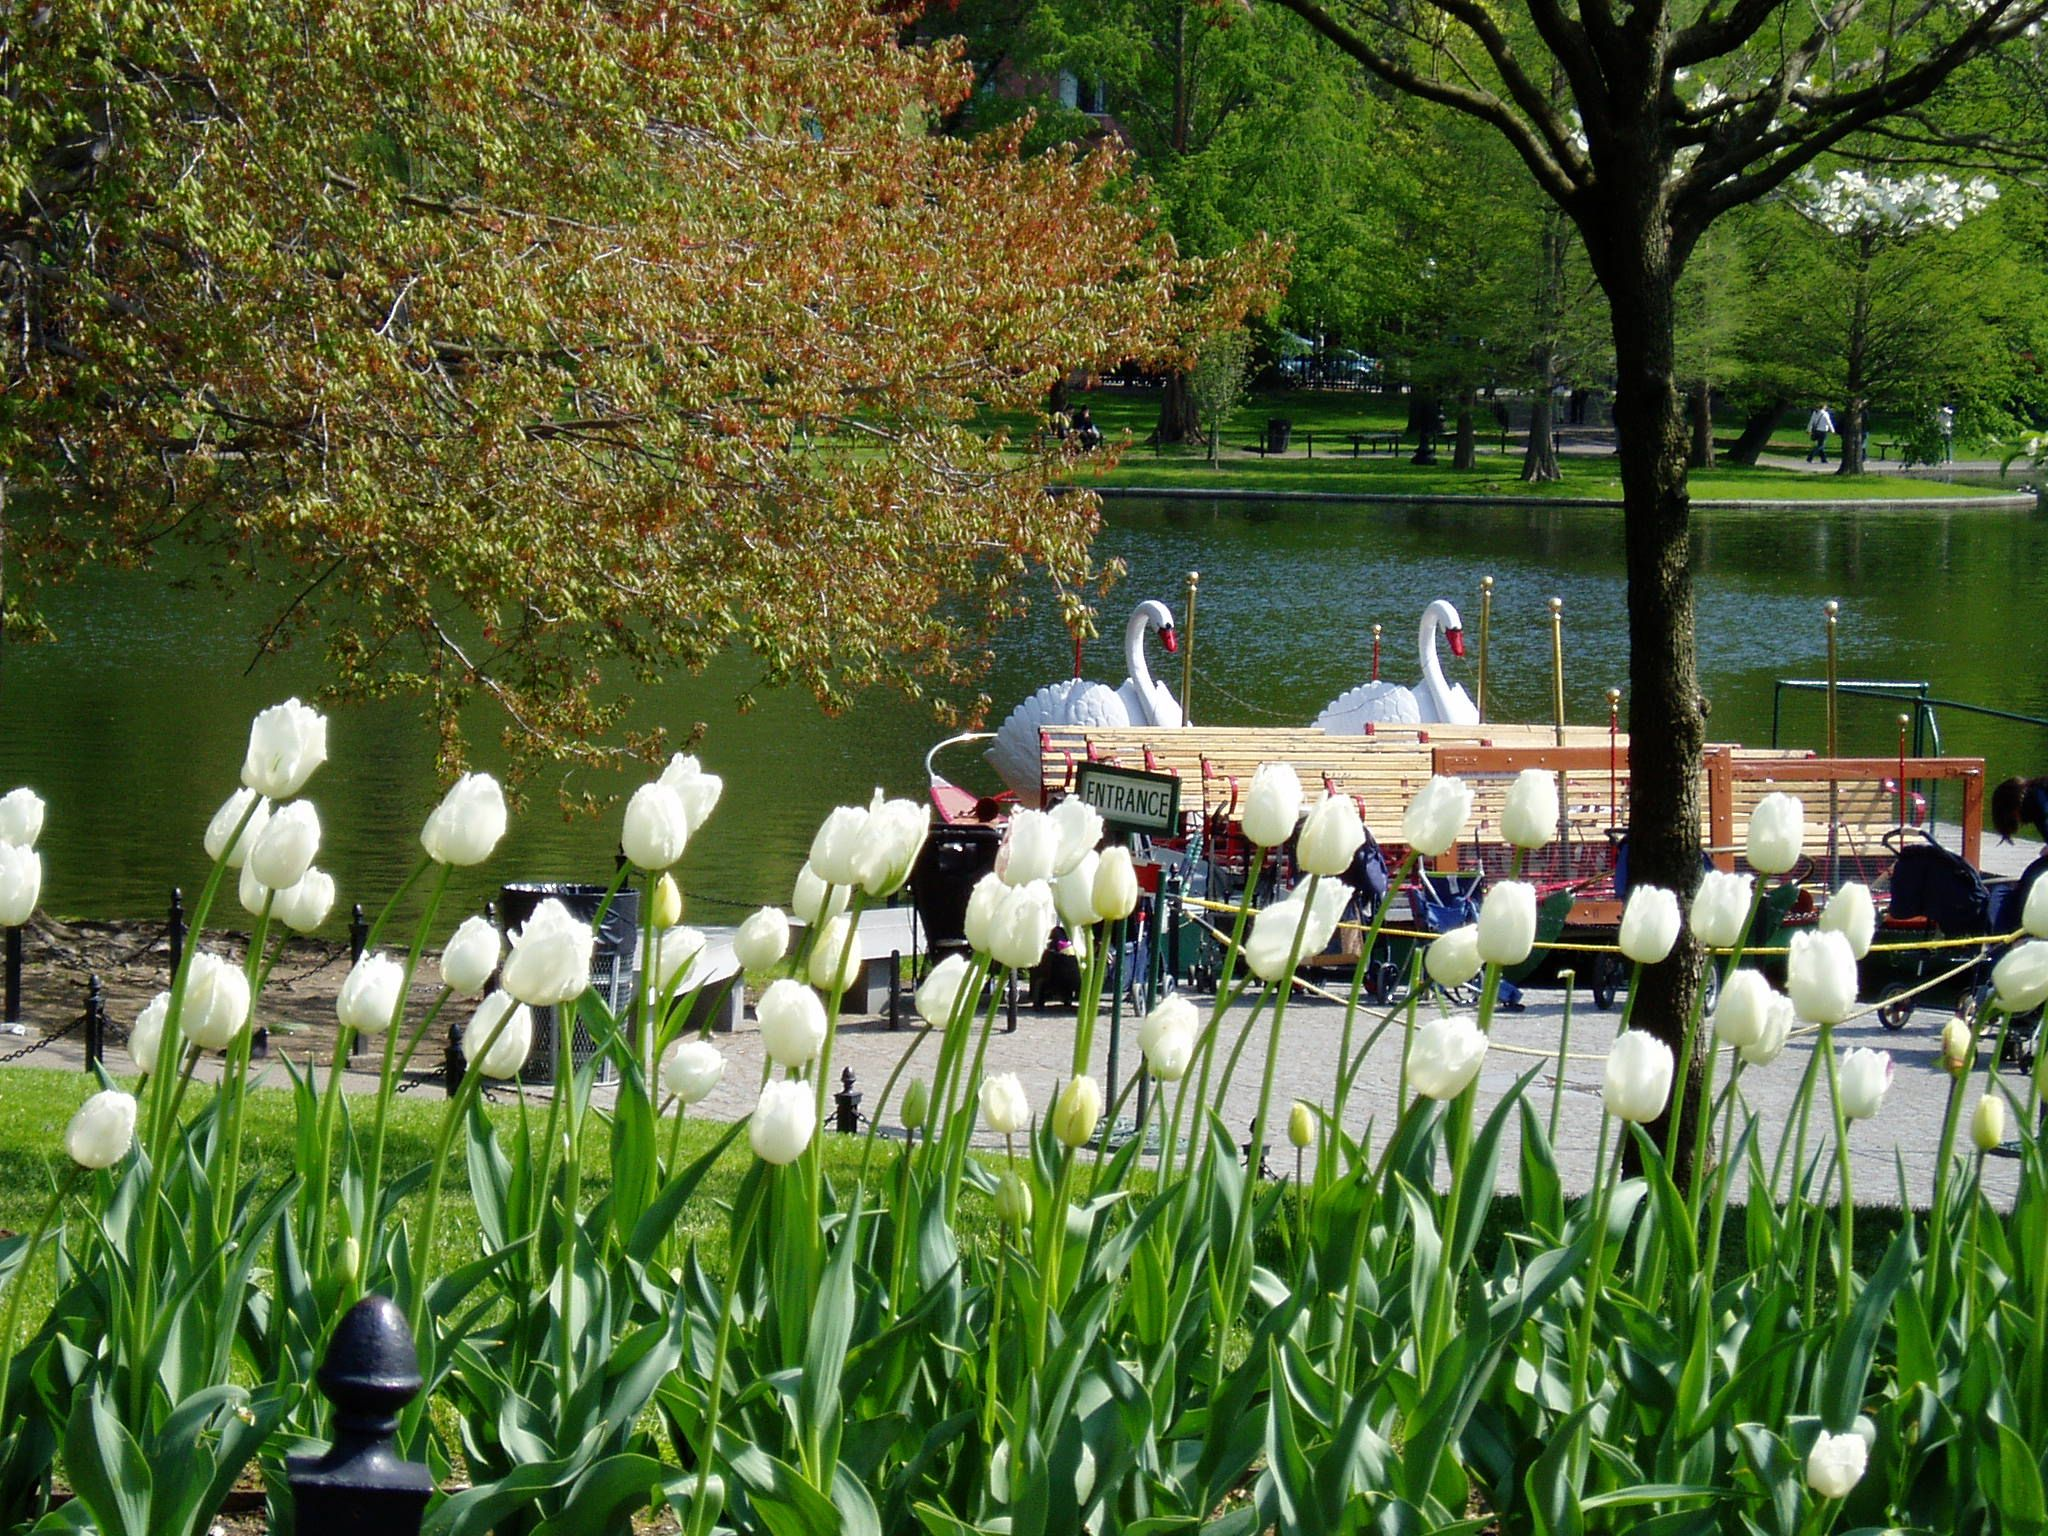 Elegant Gardening Tips for Beginners